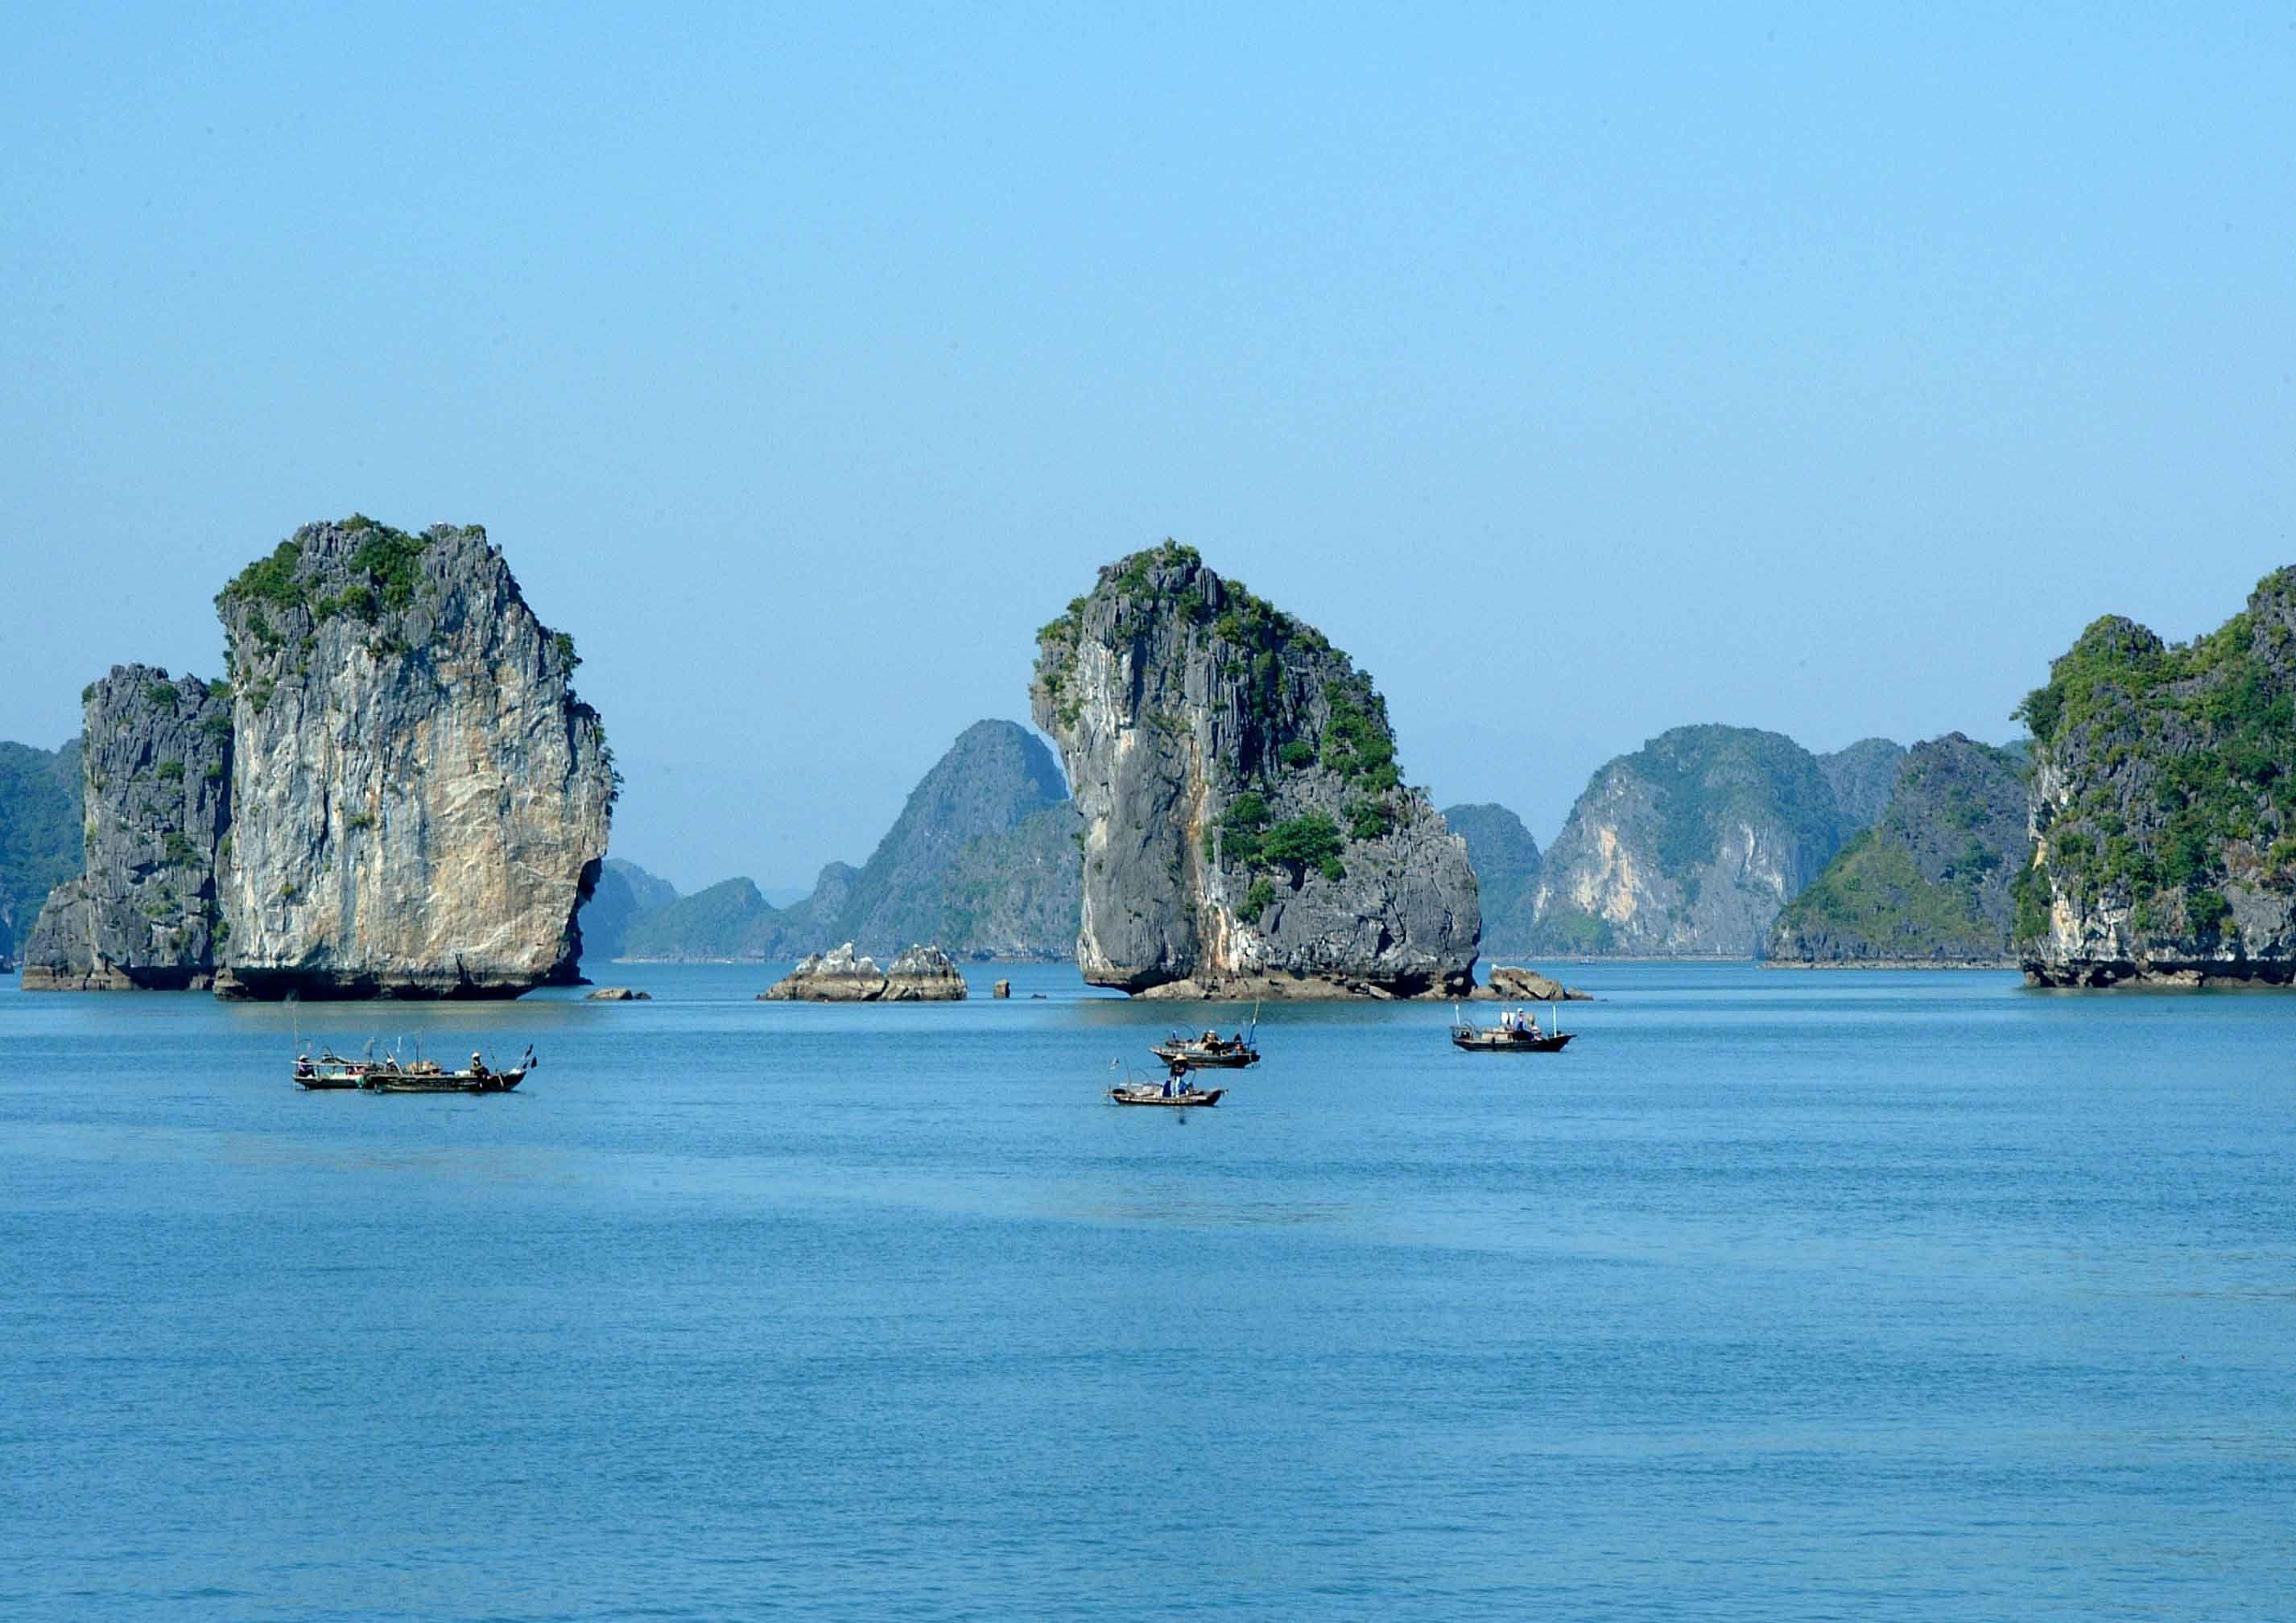 Hinh Nền Vịnh Hạ Long đẹp Du Lịch Tours Chuyến đi